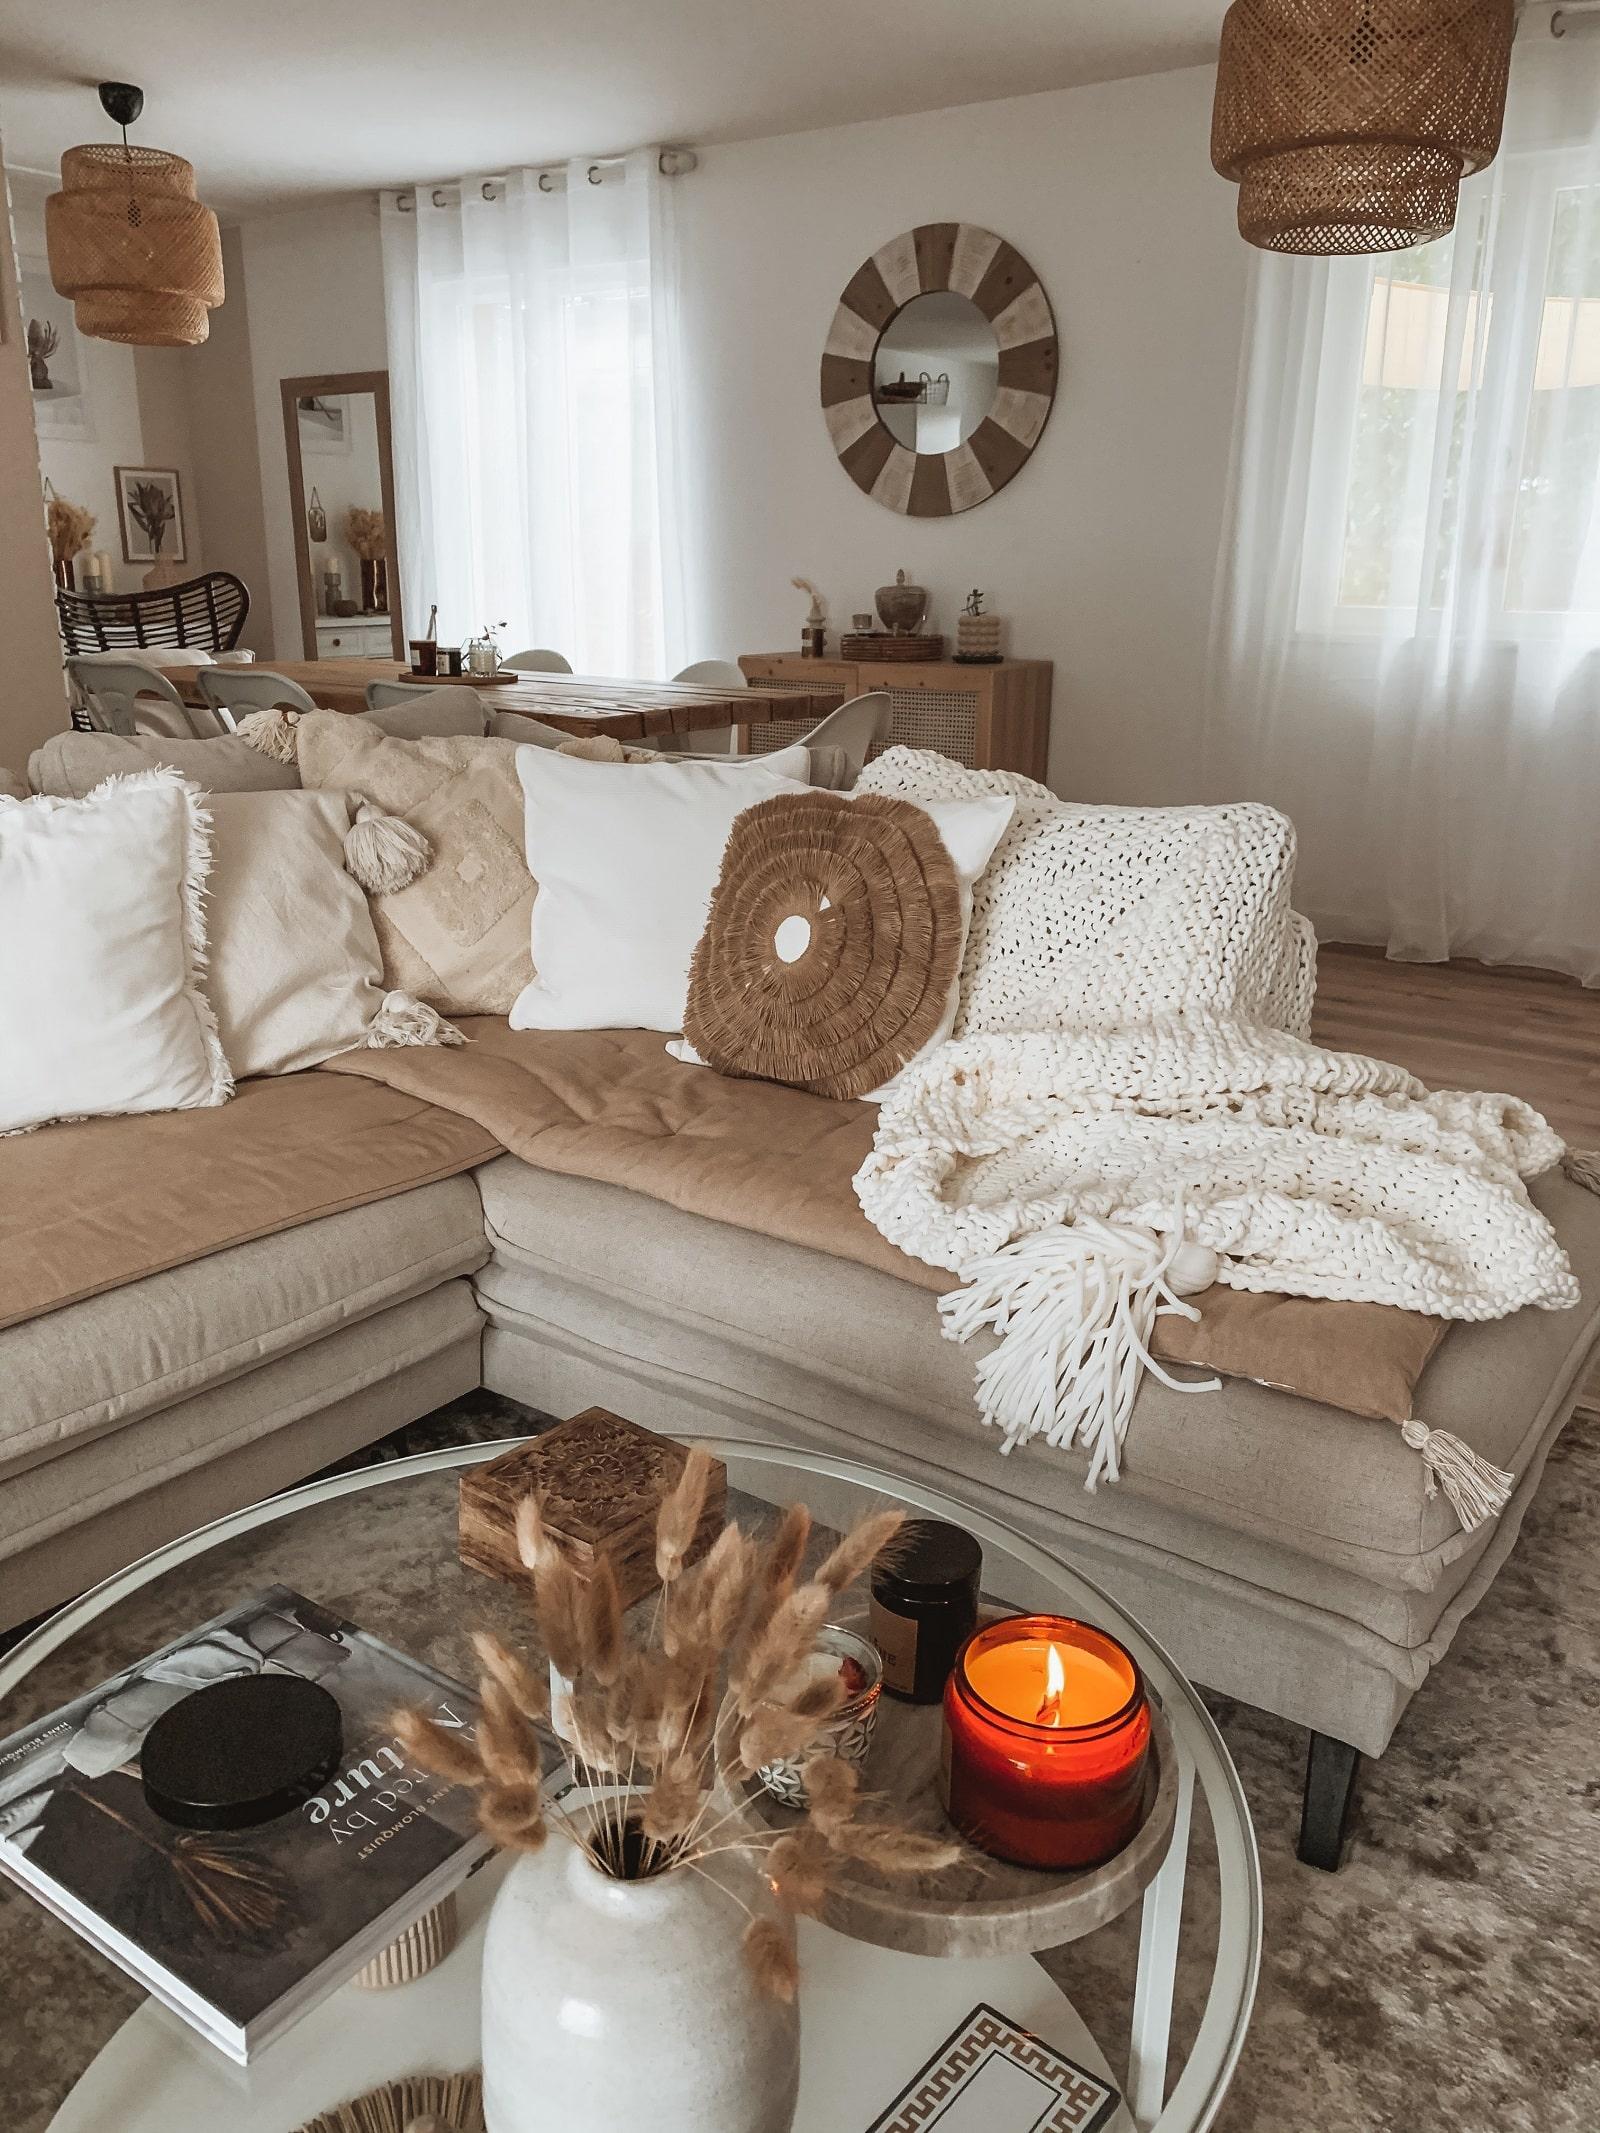 decoration interieur avec canape bobochic